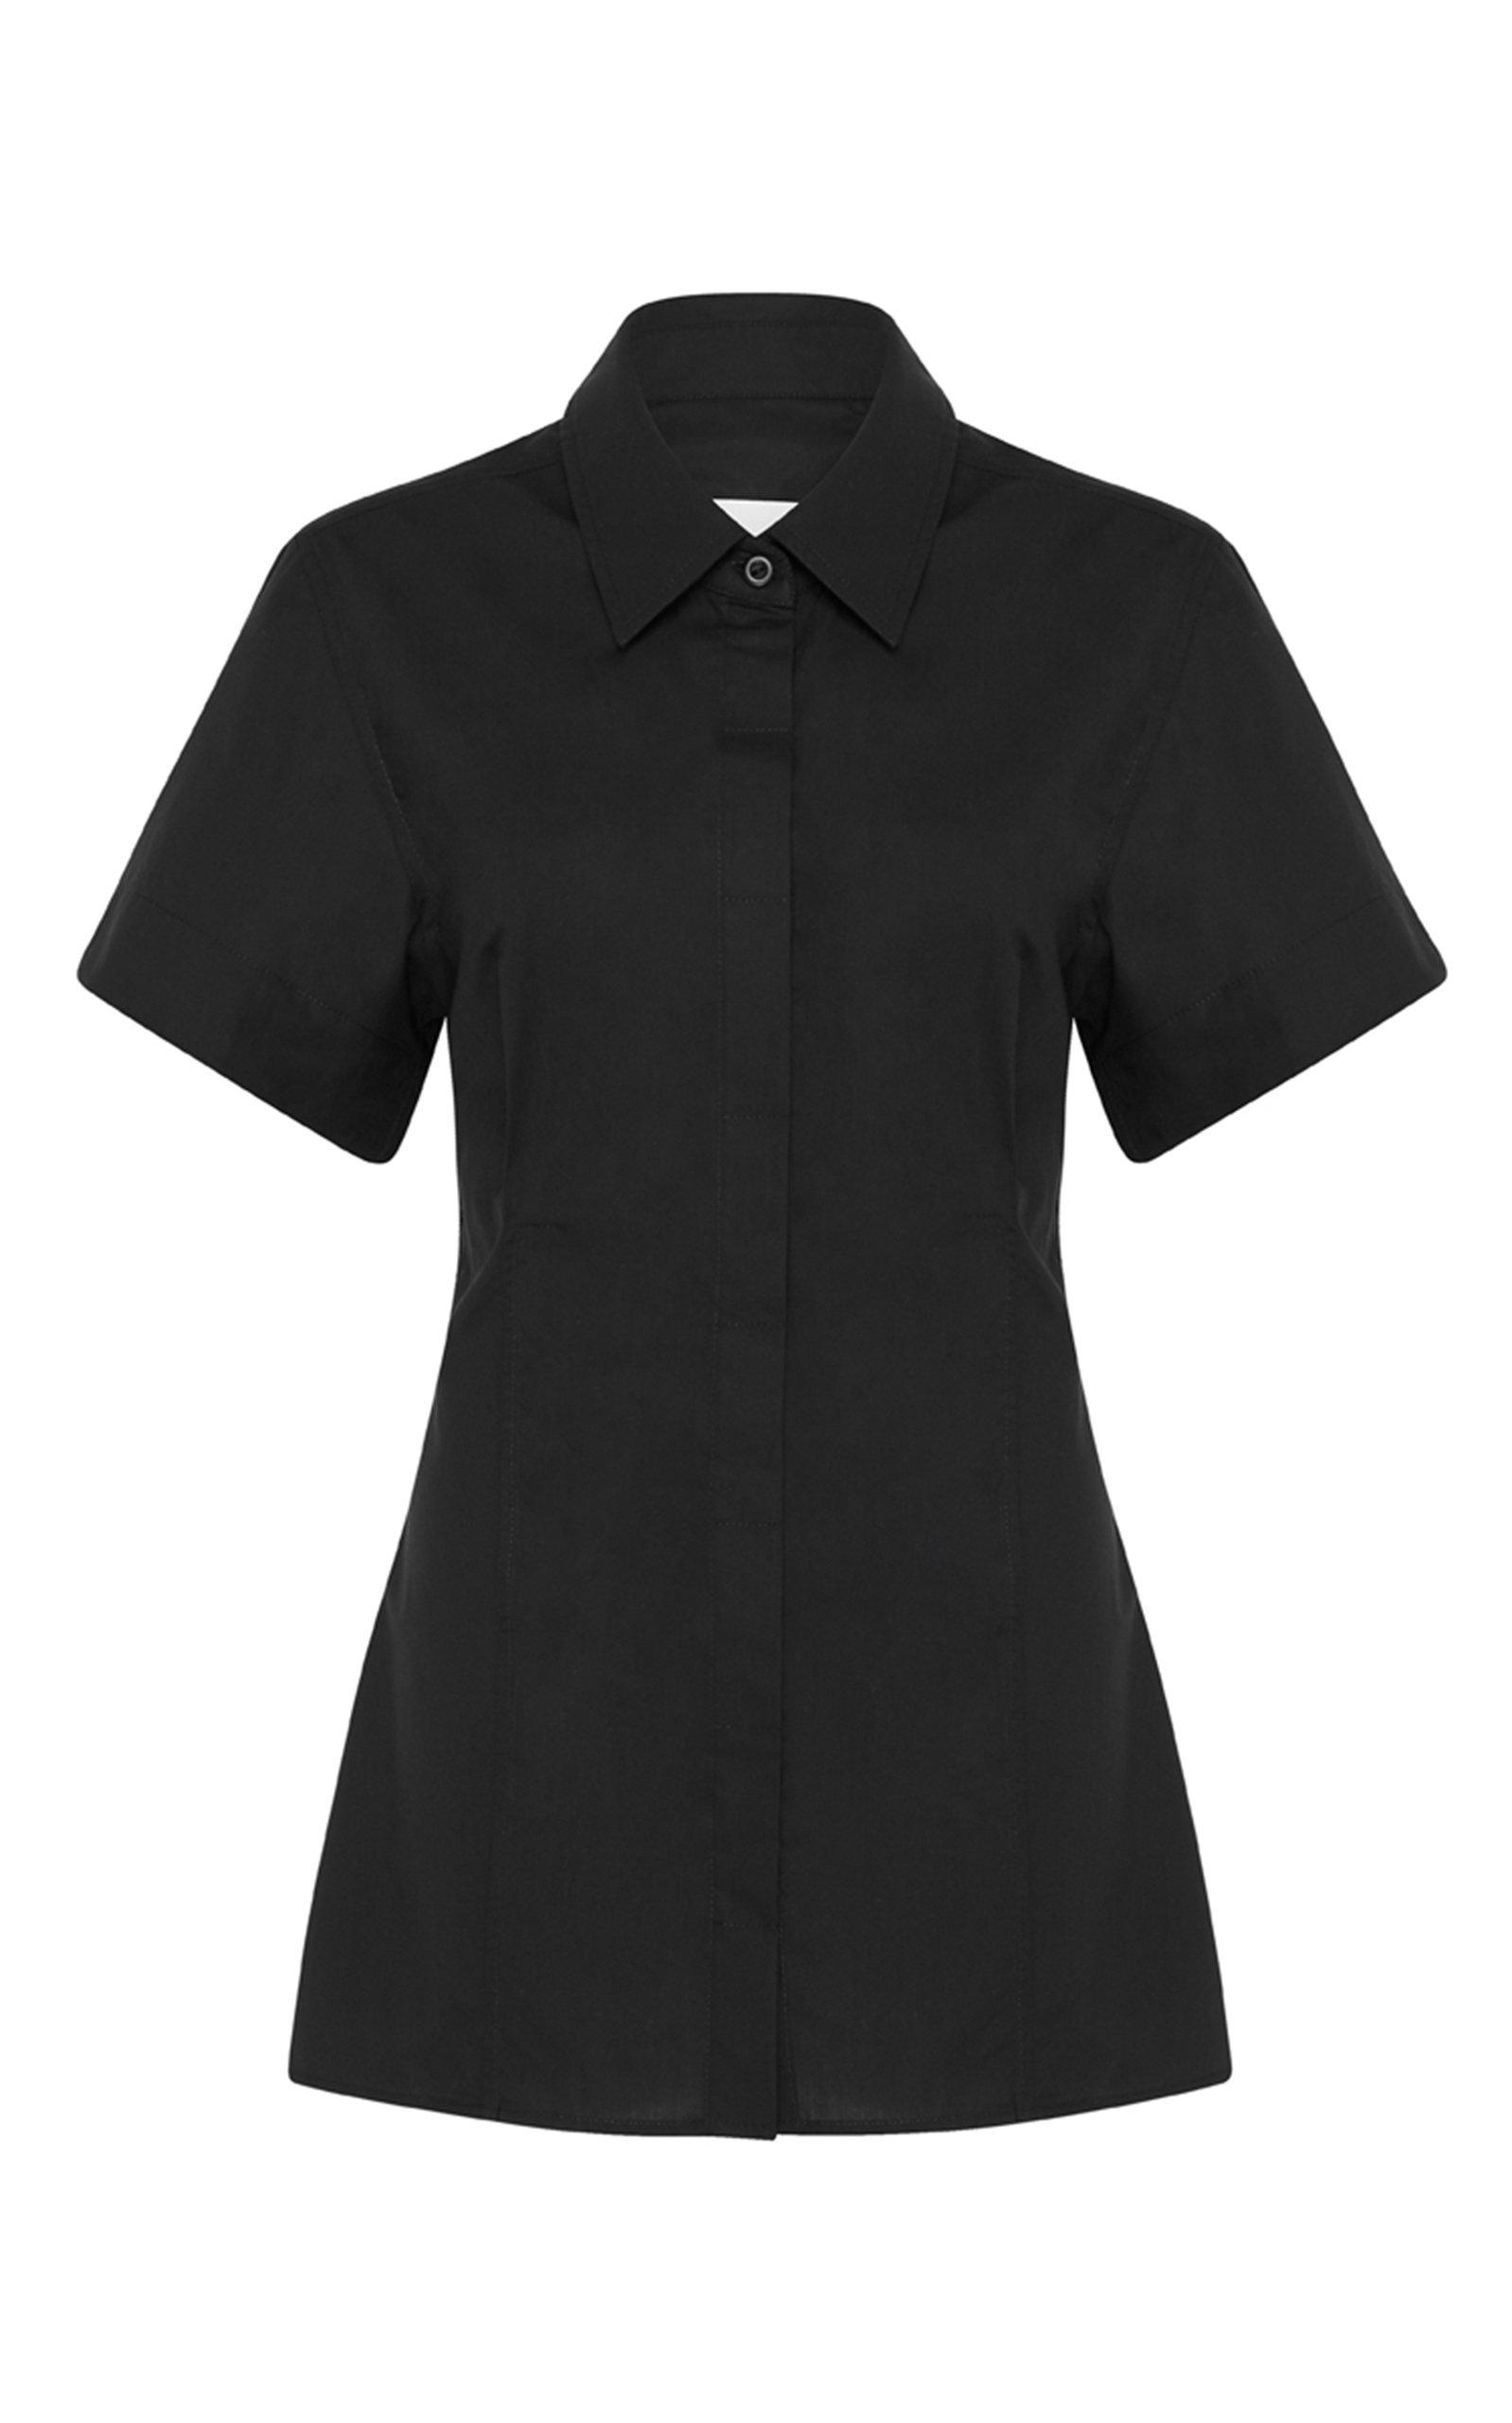 Women's Short Sleeve Cotton Shirt